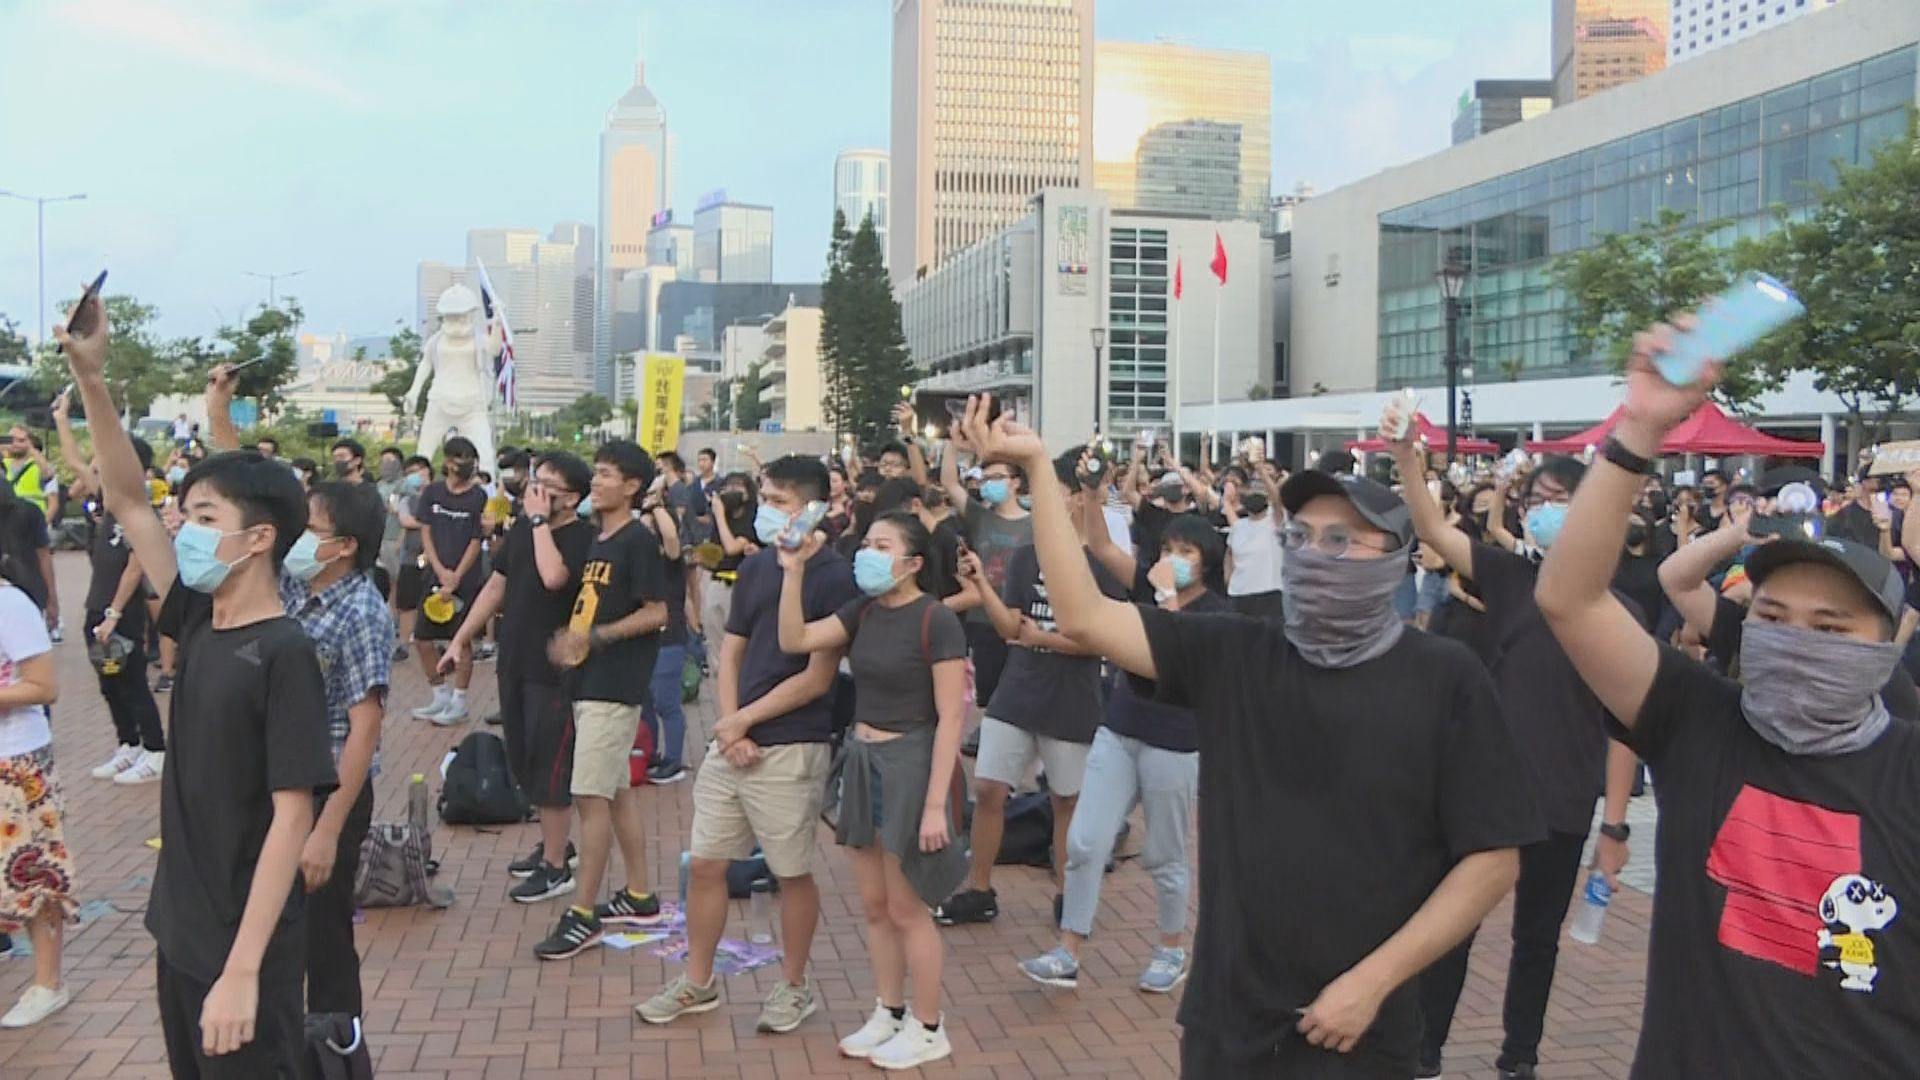 中環中學生集會 大會表示約500人參與